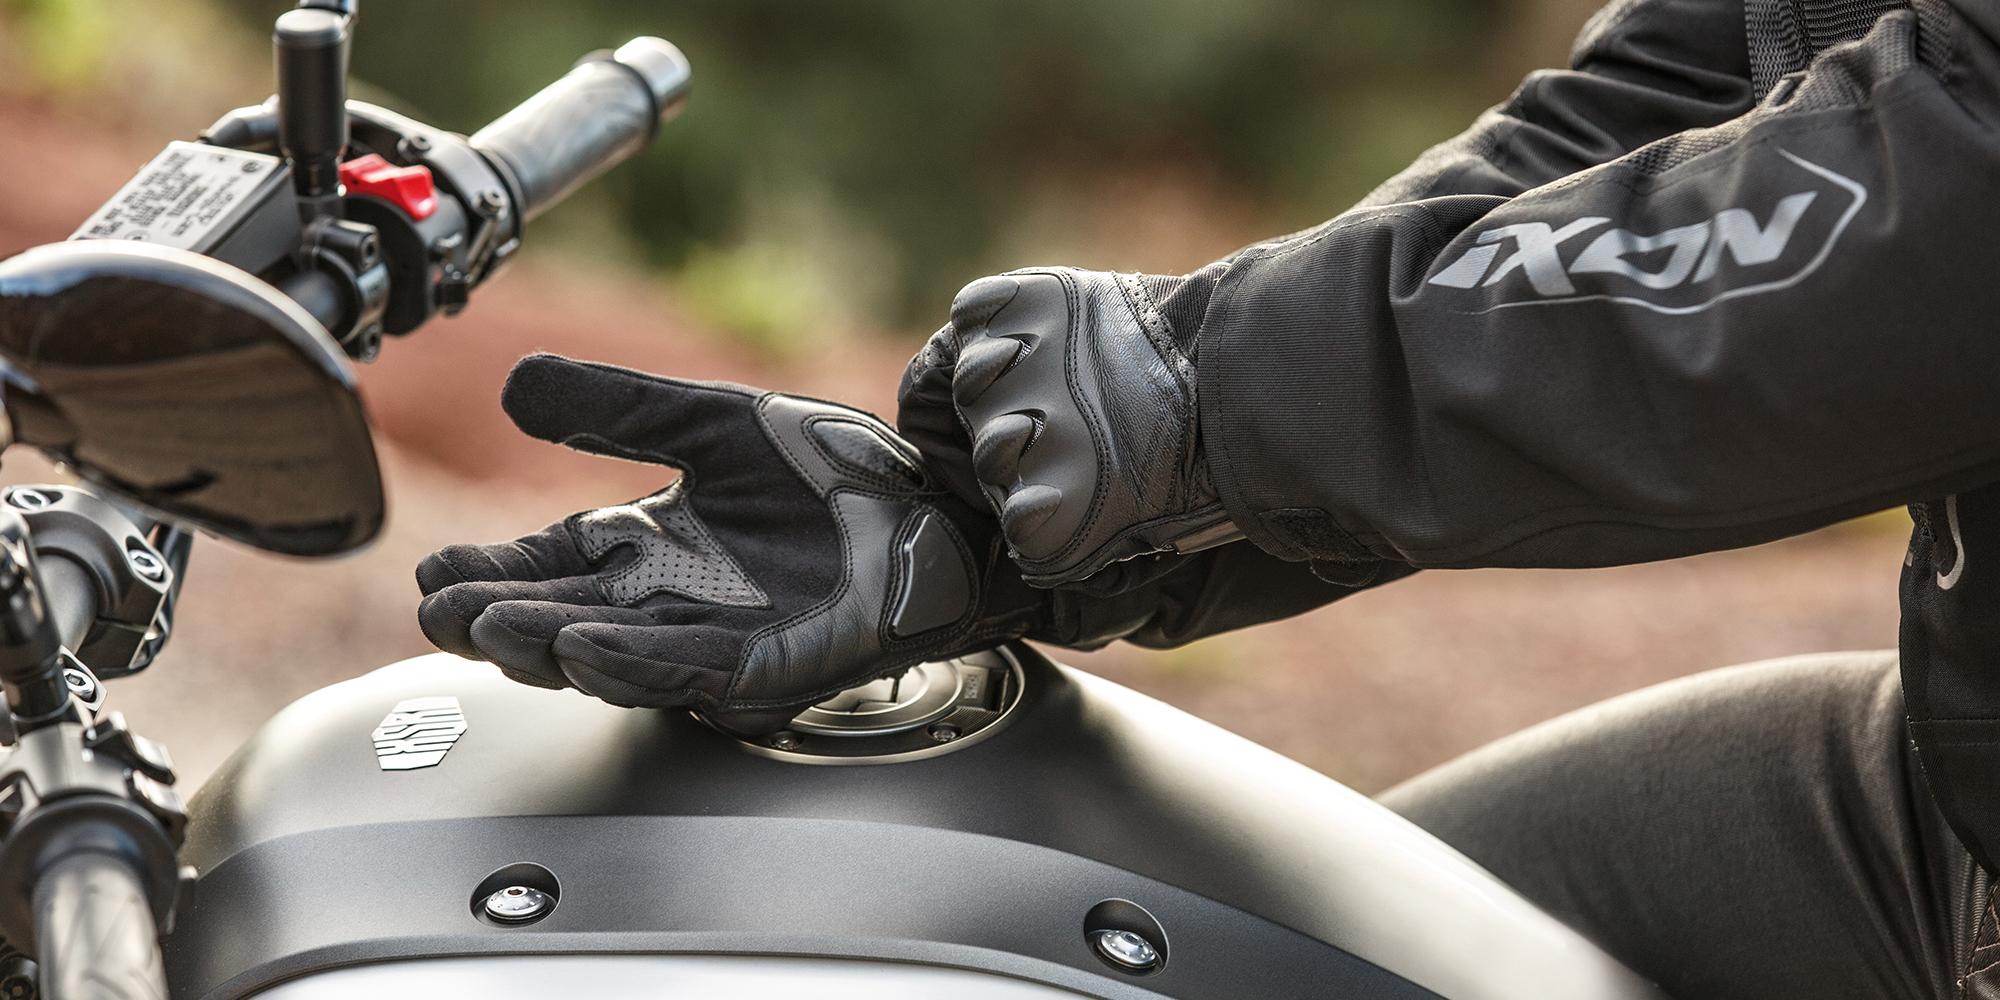 Votre responsabilité en cas de non-port des gants  Responsabilite%CC%81-en-cas-de-non-port-des-gants-a%CC%80-moto